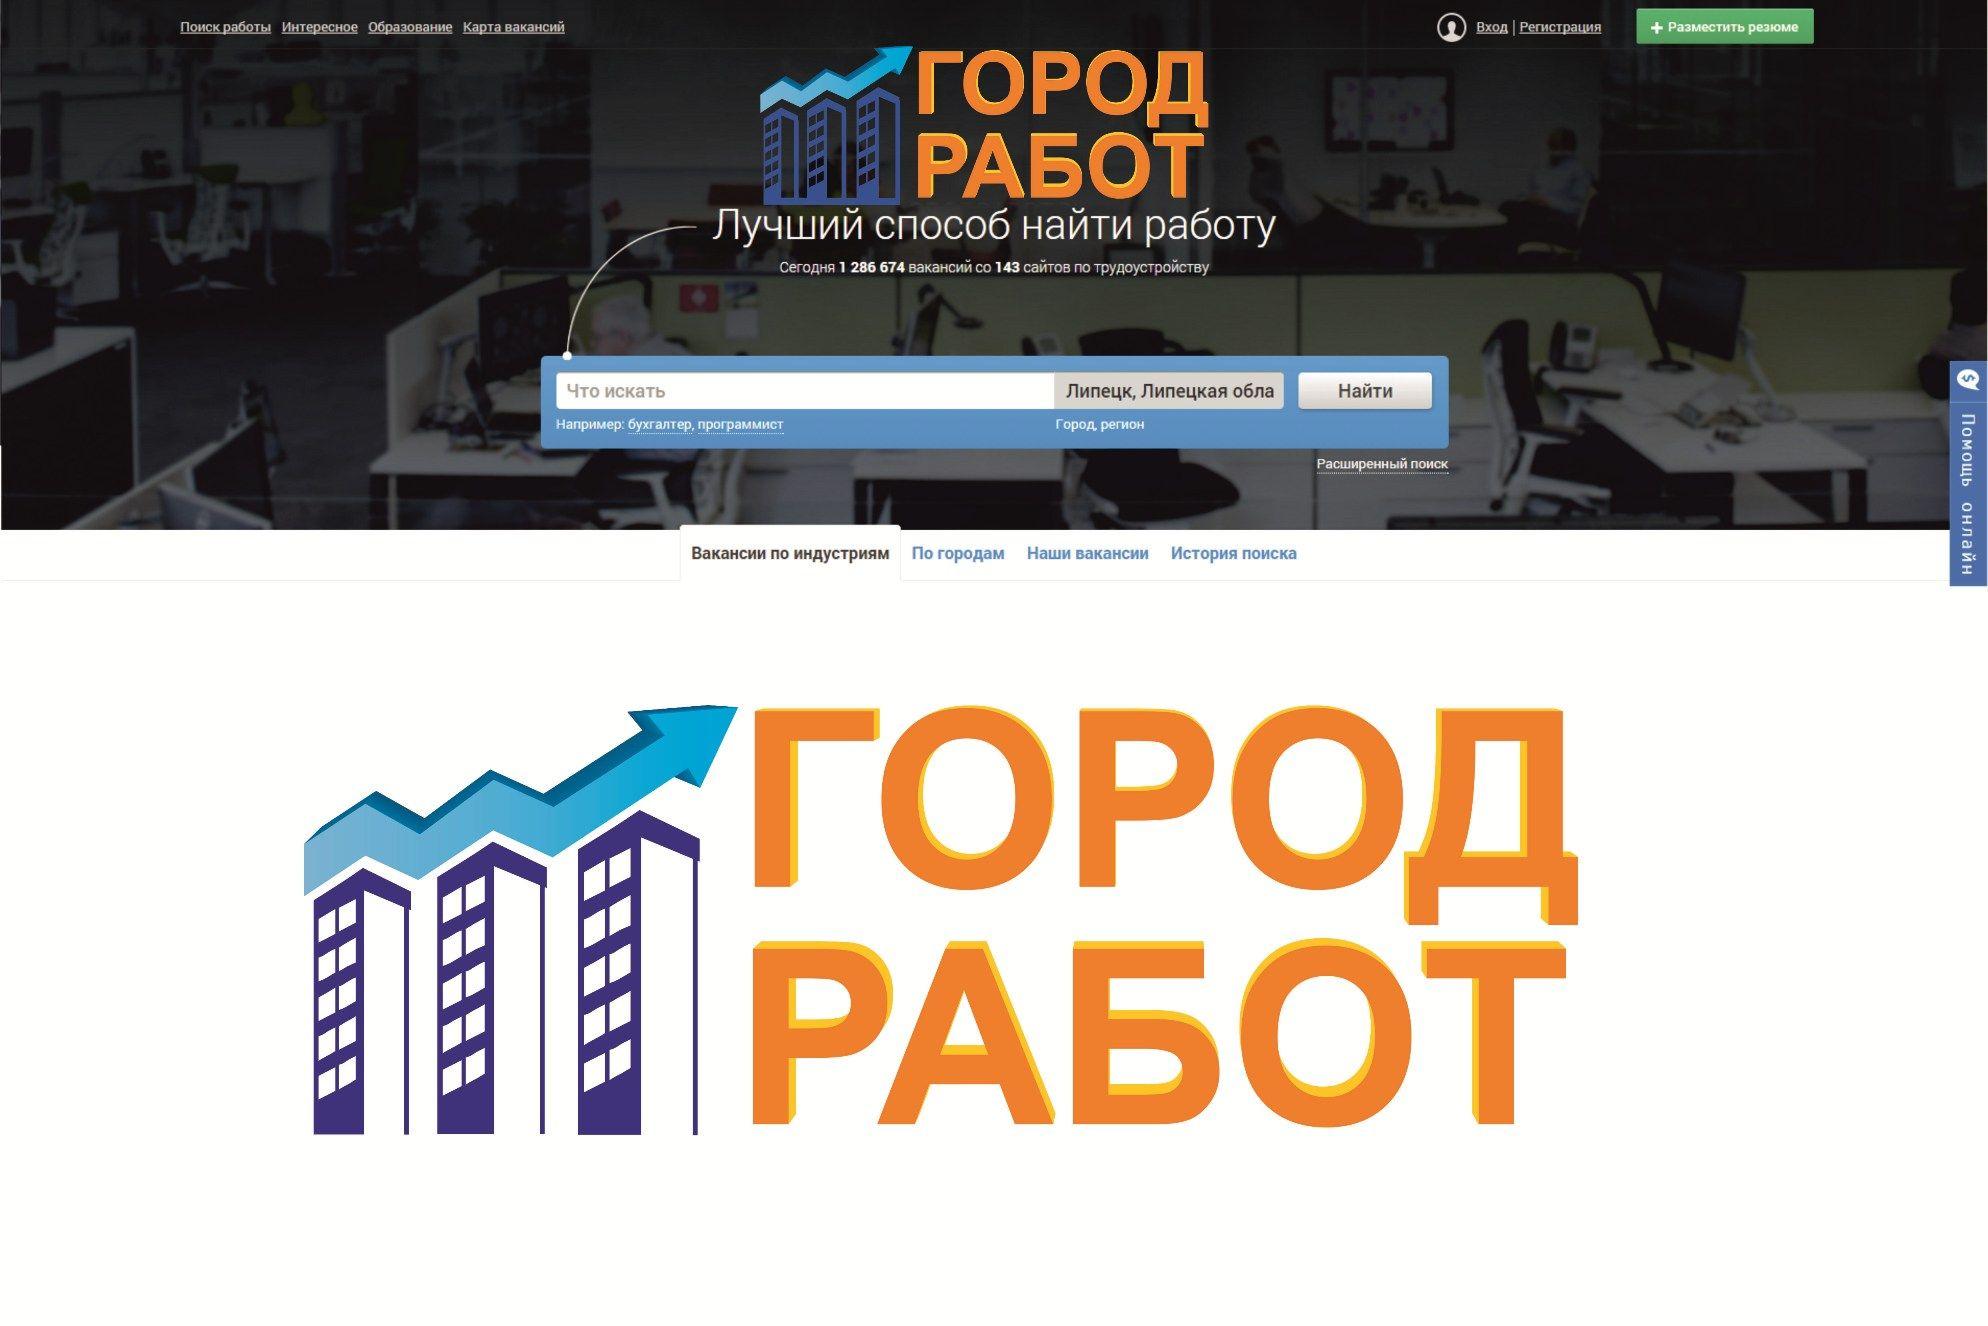 Логотип для сайта GorodRabot.ru - дизайнер Emmber